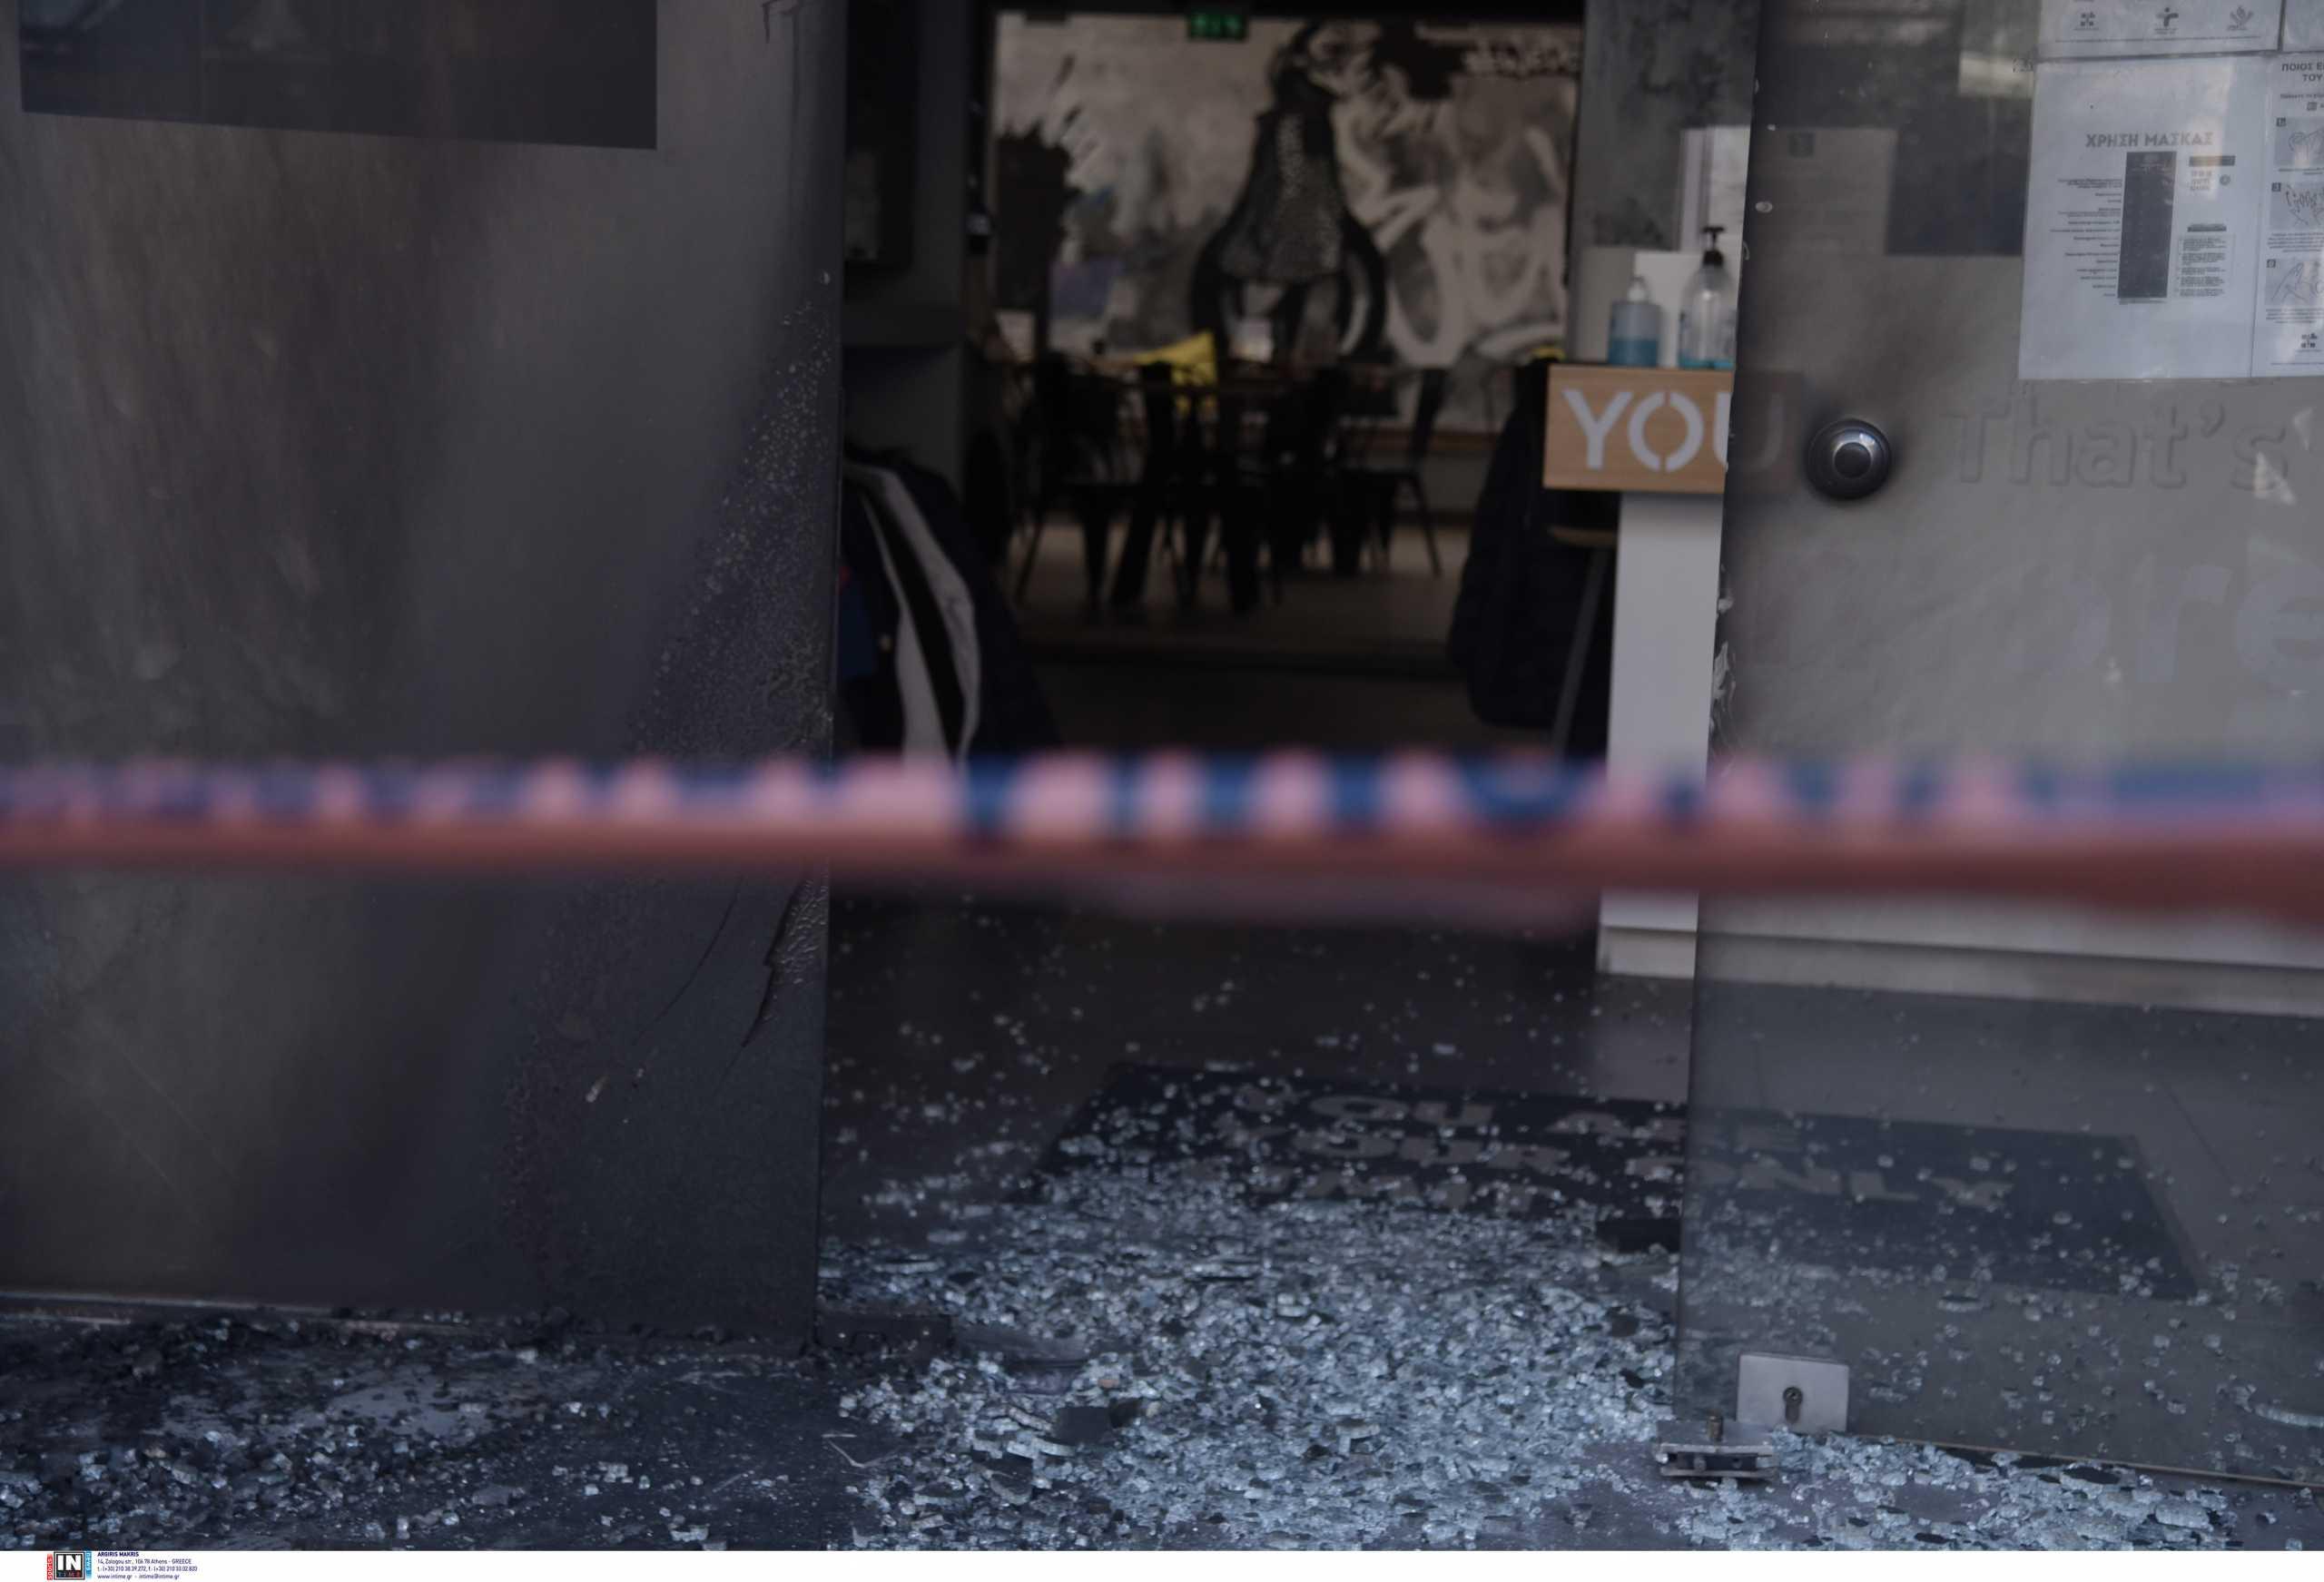 Νίκος Χαρδαλιάς: Τι κατέγραψαν οι κάμερες ασφαλείας από την εμπρηστική επίθεση στα καταστήματα της συζύγου του